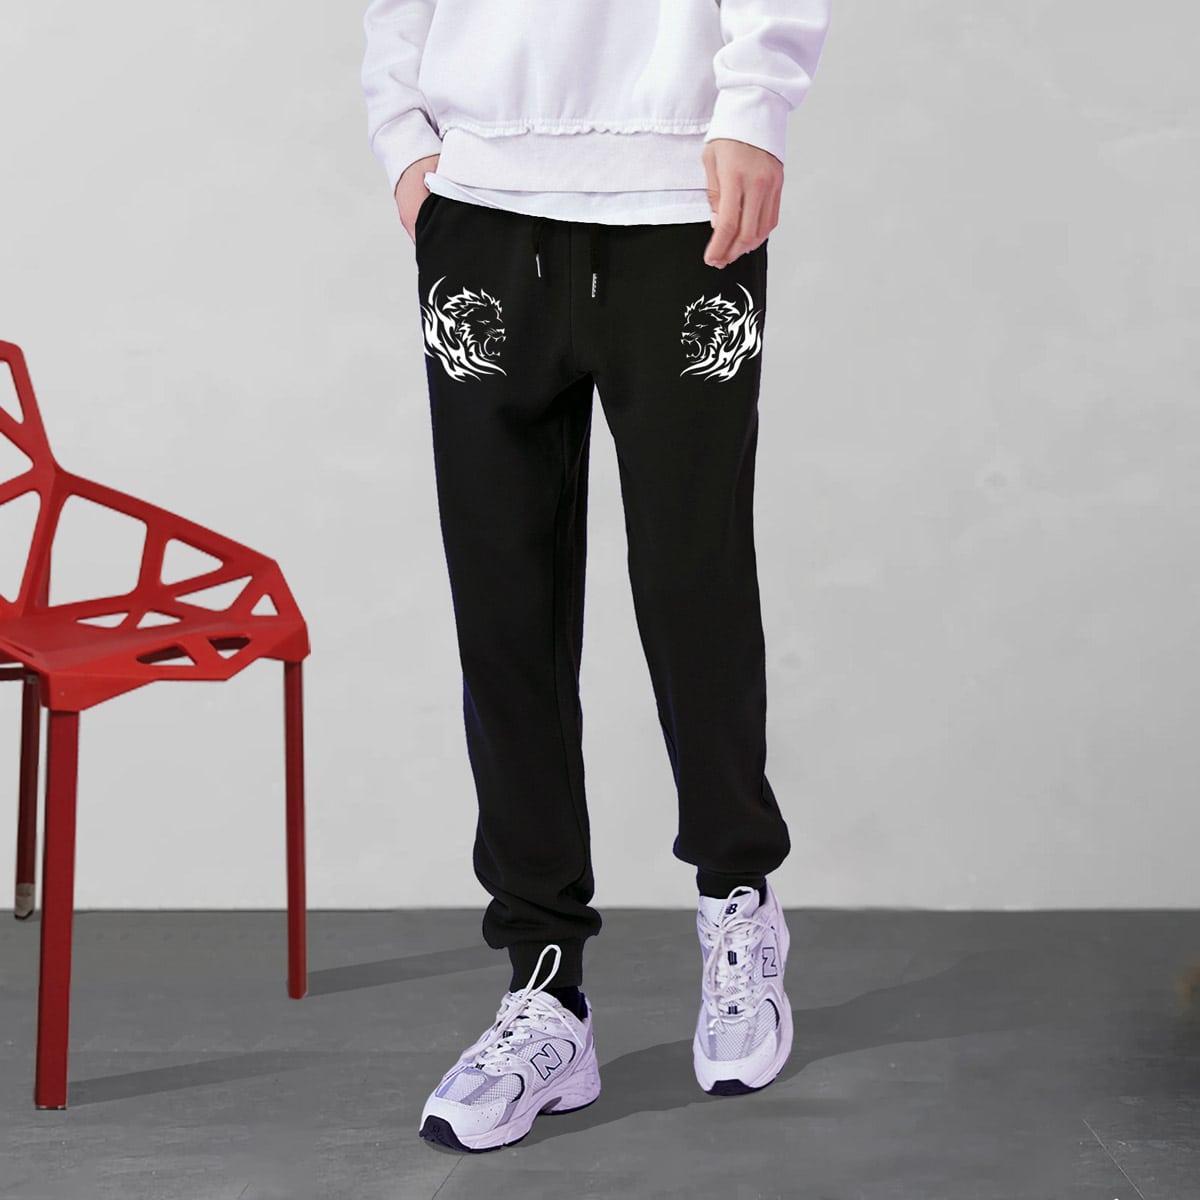 Мужские спортивные брюки с симметричным принтом льва